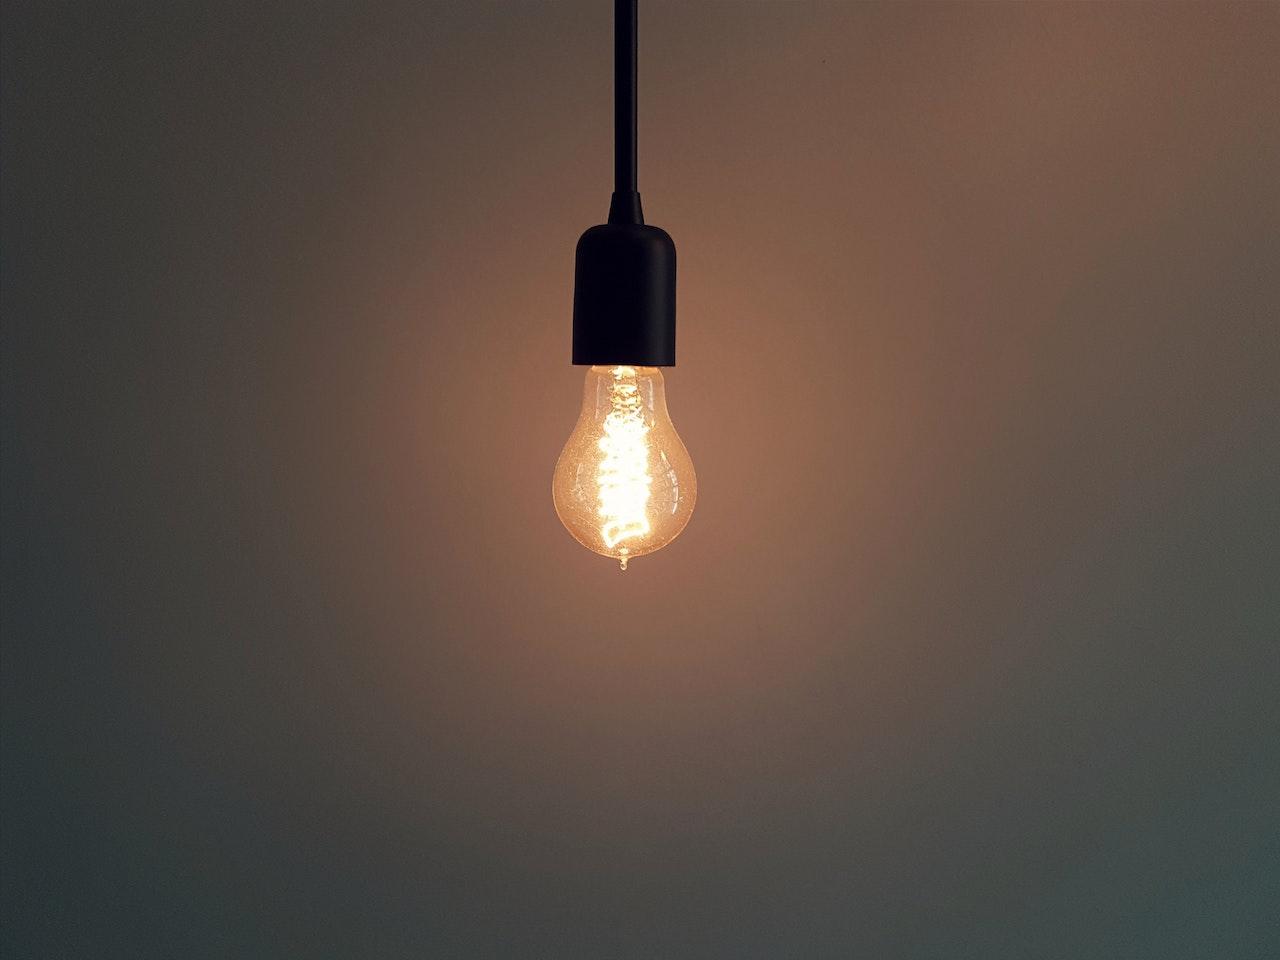 Żarówki LED H7 – gdzie szukać mocnych żarówek? - Zdjęcie główne